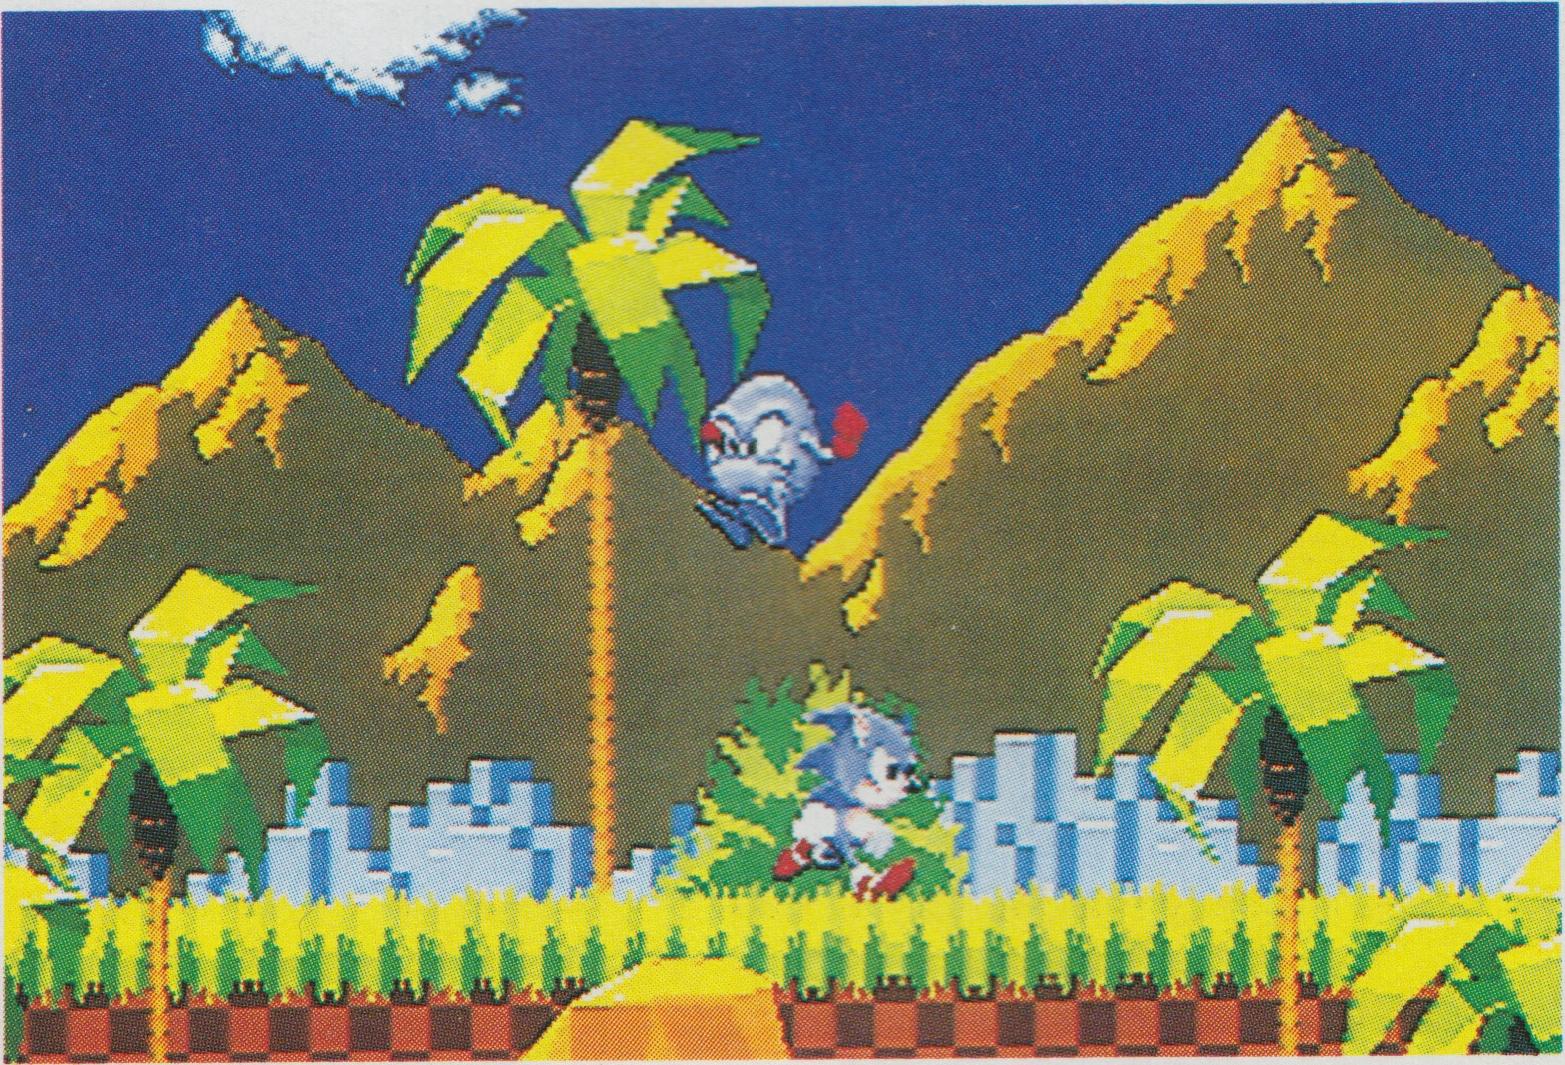 http://info.sonicretro.org/images/2/23/Sonic_1_TTS-90-1_zpsek8fvqhv.jpg